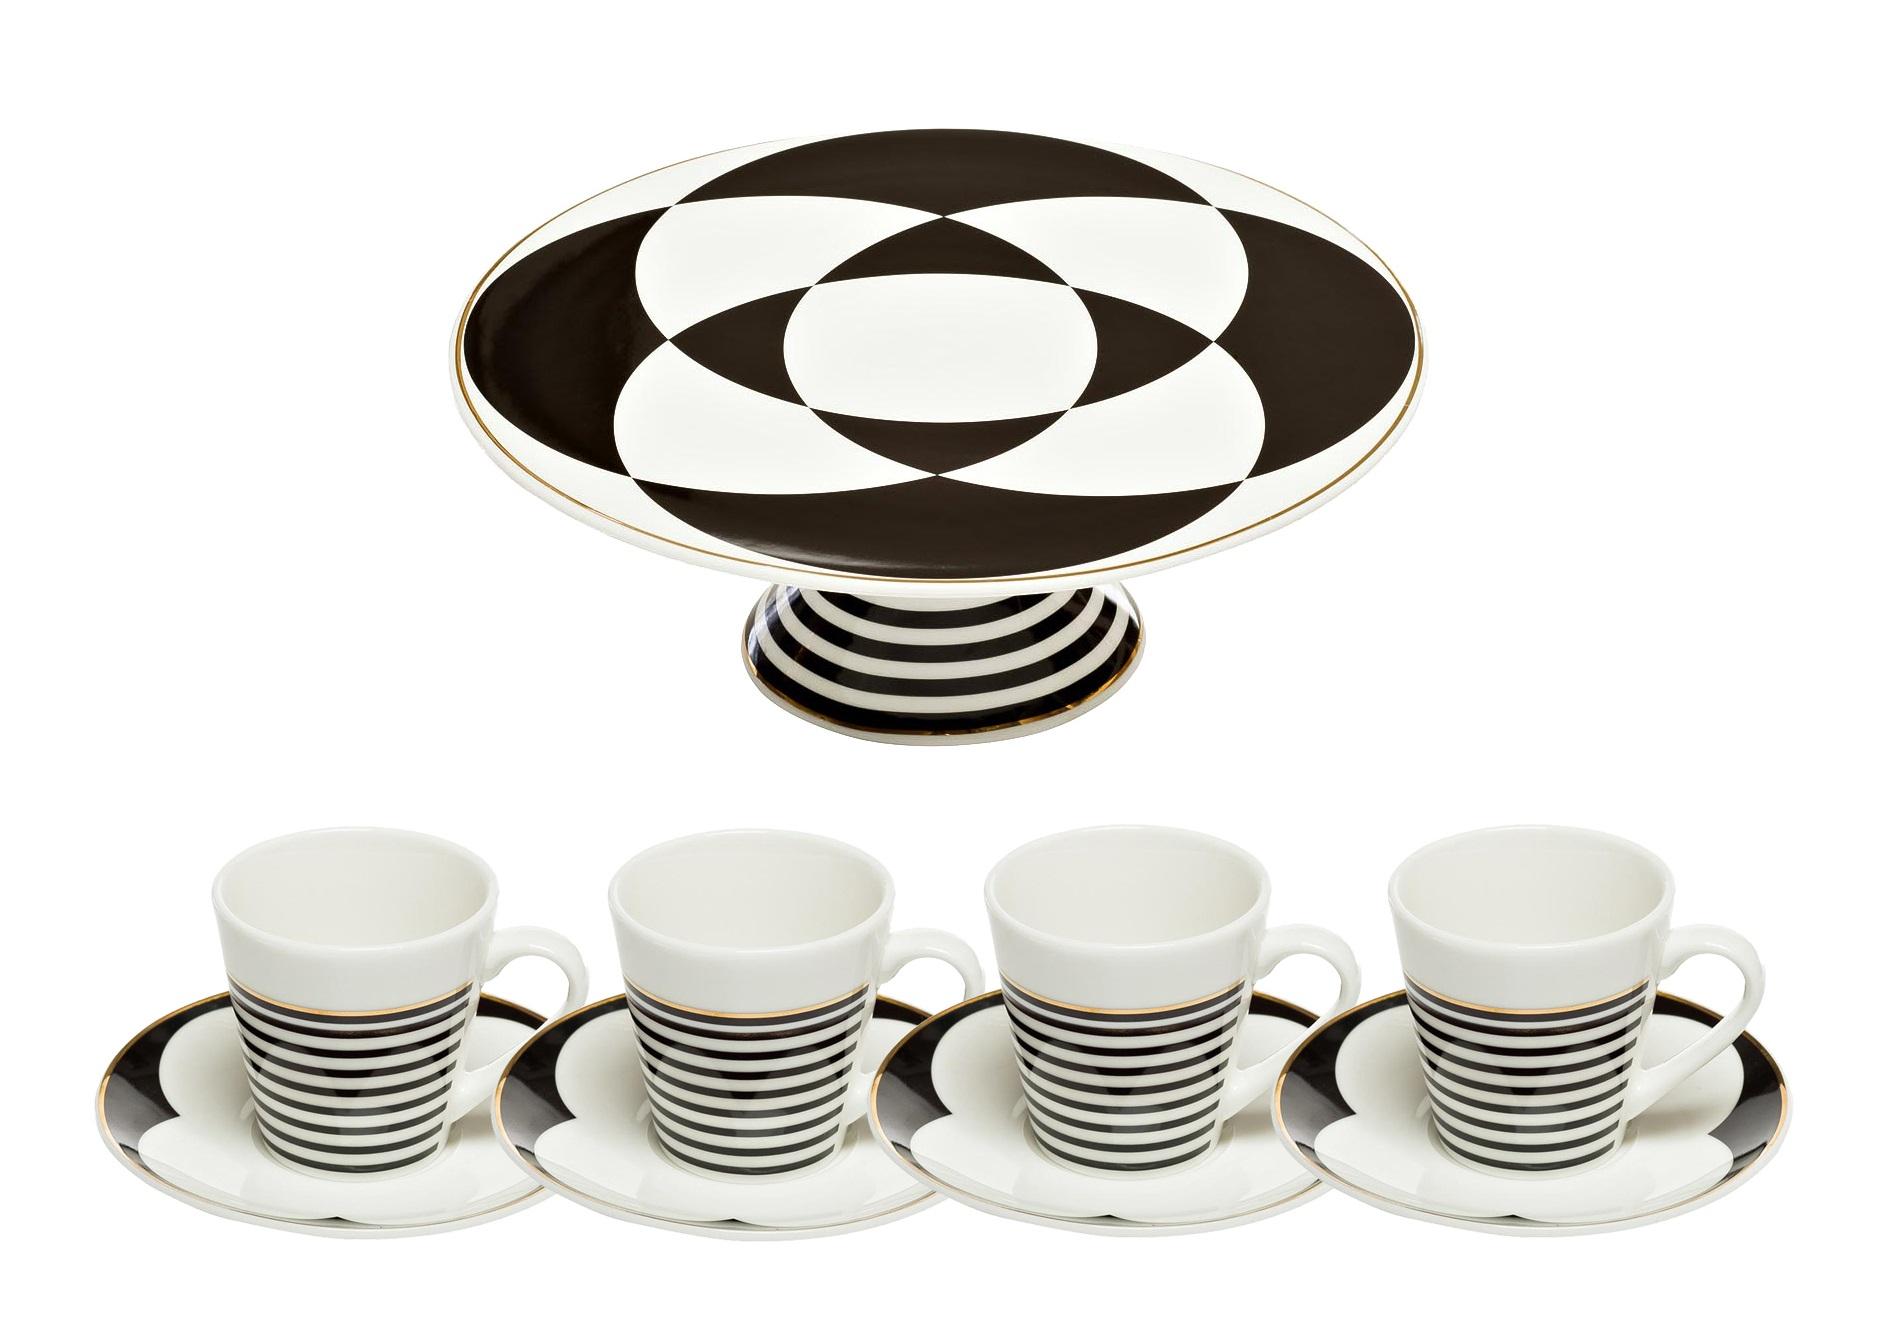 Набор посудыКофейные сервизы<br>&amp;lt;div&amp;gt;Подставка для торта 28 см&amp;lt;/div&amp;gt;&amp;lt;div&amp;gt;Чашка кофейная 80 мл с блюдцем (4шт)&amp;amp;nbsp;&amp;lt;/div&amp;gt;&amp;lt;div&amp;gt;Не допускается использование в СВЧ, разрешается мыть в посудомоечной машине.&amp;lt;/div&amp;gt;<br><br>Material: Фарфор